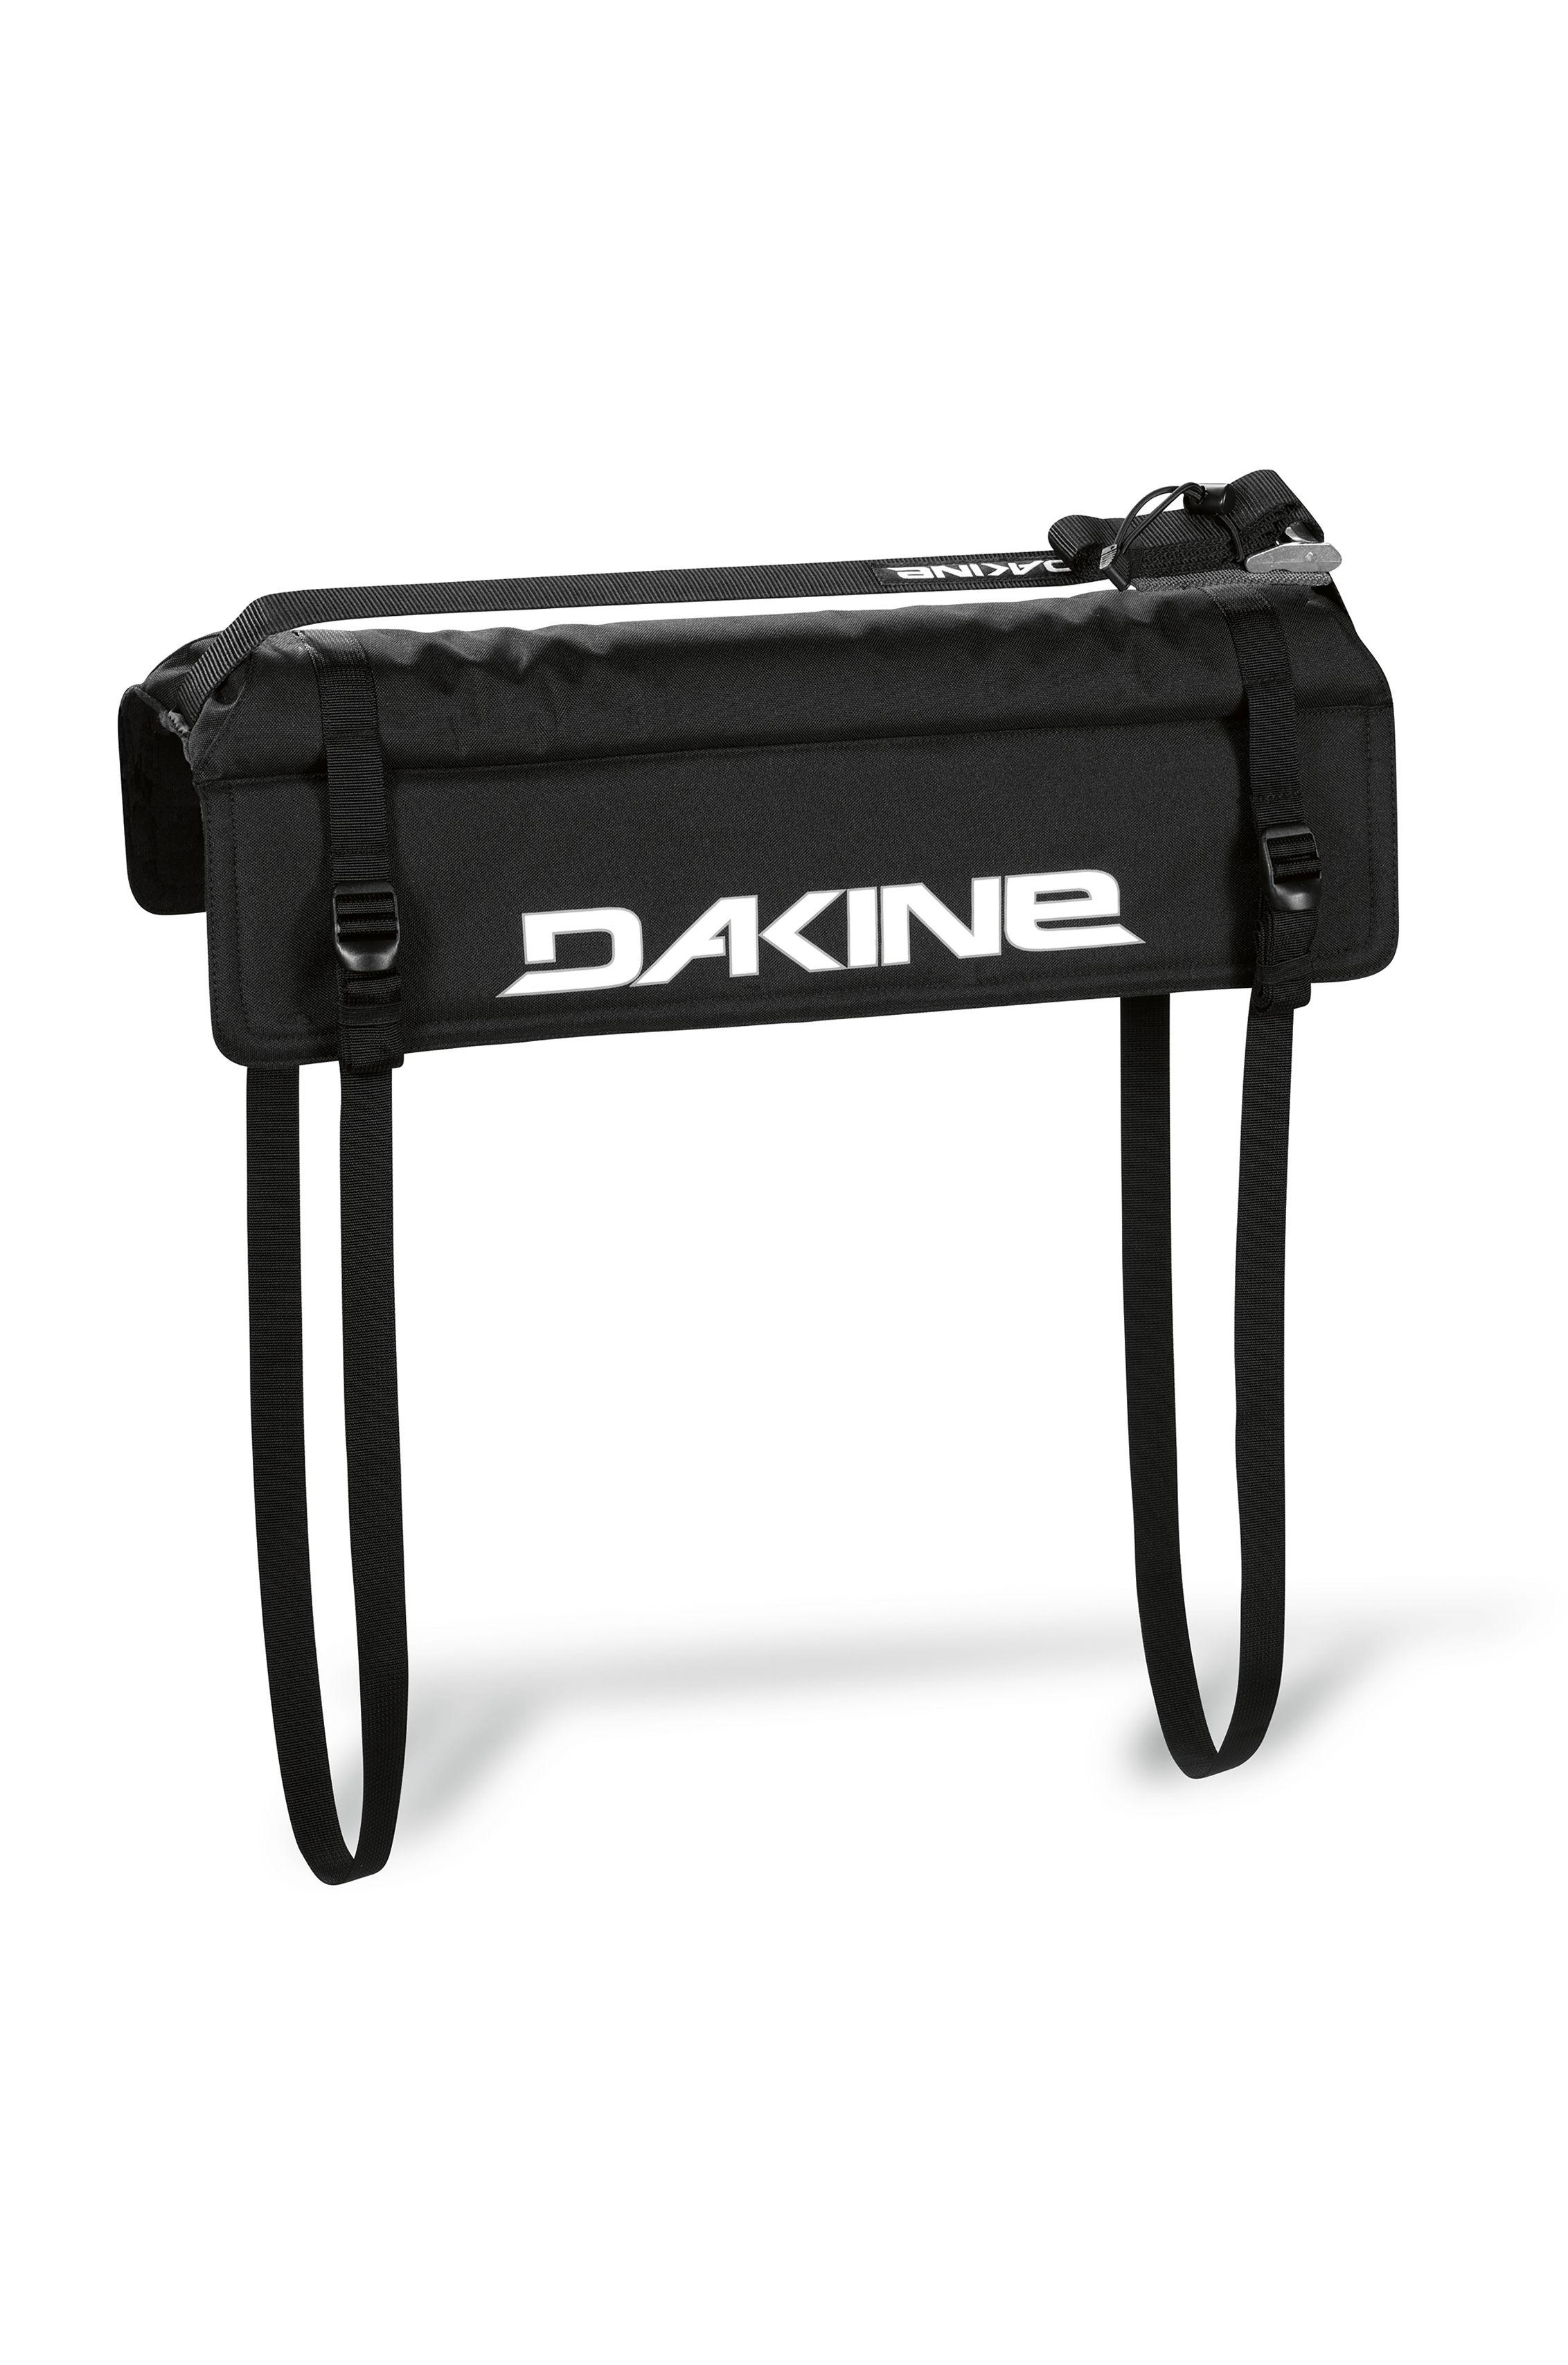 Dakine Rack TAILGATE SURF PAD Black